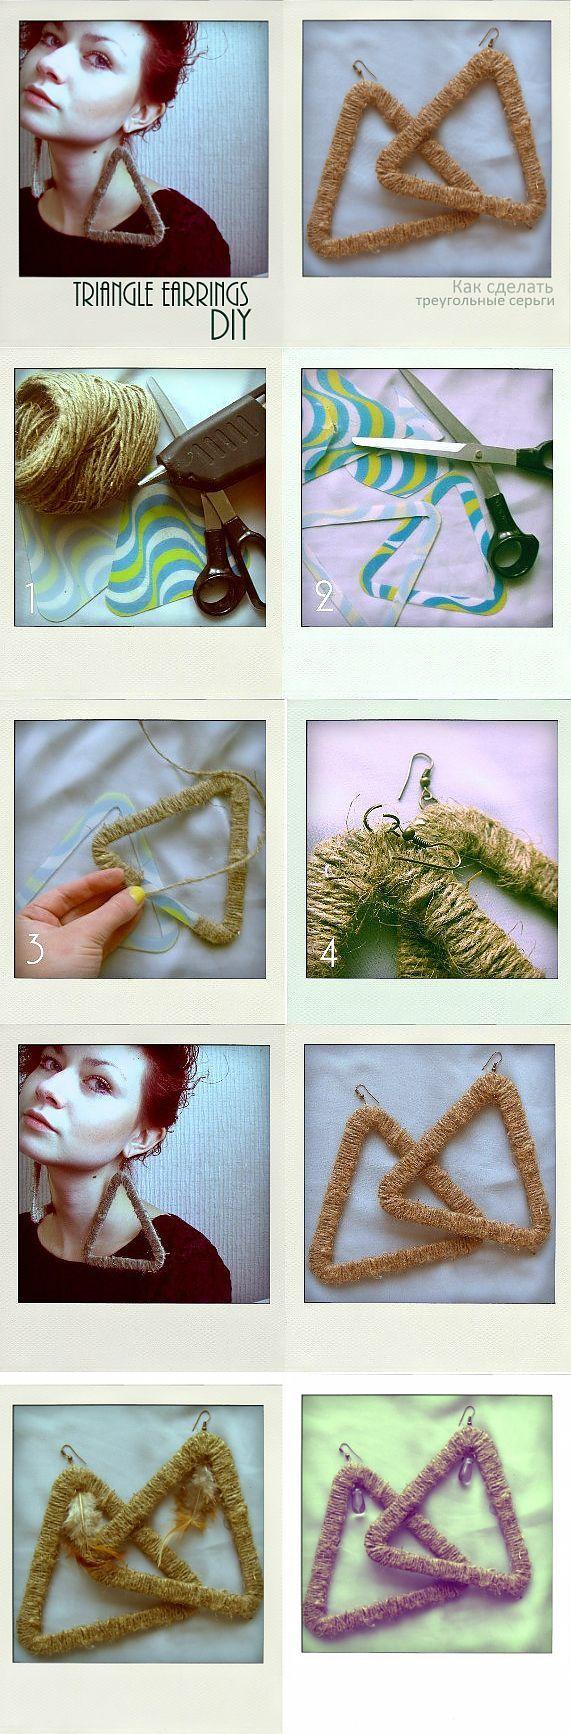 Треугольные серьги (мастер-класс) / Украшения и бижутерия / Модный сайт о стильной переделке одежды и интерьера